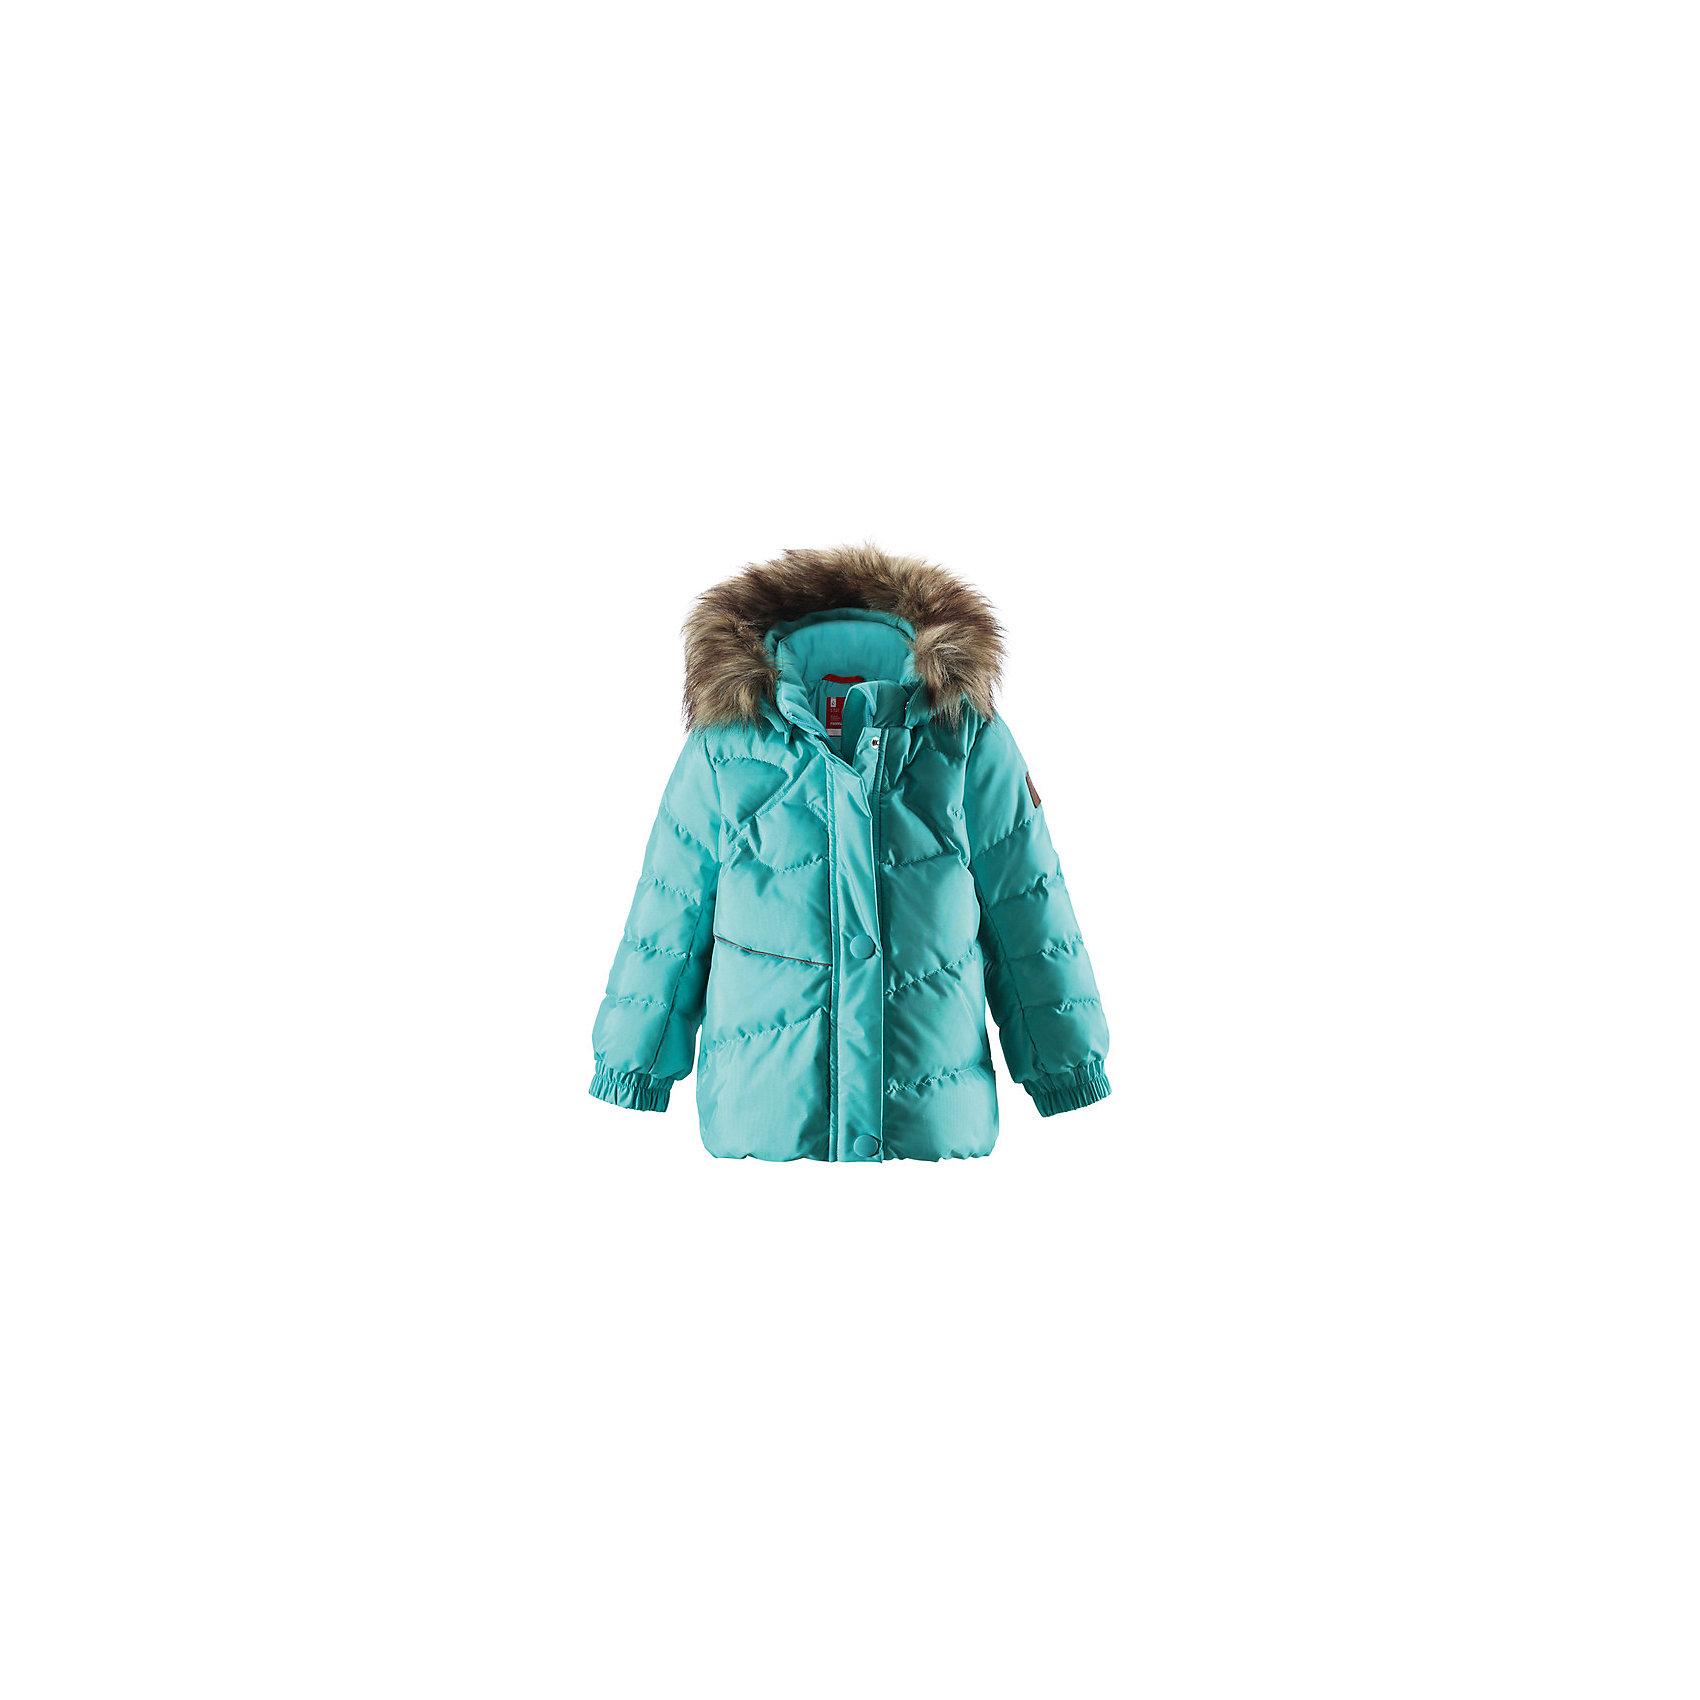 Куртка для девочки ReimaОчаровательный пуховик Kiirus подарит маленькой снежной принцессе тепло и элегантность! Этот тёплый пуховик, сделанный из пропускающего воздух материала, который также отталкивает воду и грязь, идеален для морозных зимних деньков. Съёмный капюшон дополнен стильным искусственным мехом, который при желании можно отстегнуть. Если закреплённый кнопками капюшон зацепится за что-нибудь, он легко отстегнётся. Пуховик с подкладкой из гладкого полиэстера легко надевается и удобно носится с тёплым промежуточным слоем. Эластичная сборка сзади на талии и слегка пышный подол придают пуховику особый стиль и фасон. Впереди и сзади модель для девочек украшена красивой декоративной строчкой. Во время прогулки в боковые карманы на молниях можно положить свои сокровища, а светоотражающие детали обеспечат дополнительную безопасность после захода солнца. Выбери свой любимый цвет из восхитительных модных оттенков этой зимы!<br><br> Пуховик для малышей, модель для девочек<br> Резинка сзади на талии<br> Безопасный съёмный капюшон с отстёгивающейся отделкой из искусственного меха<br> Два кармана на молниях<br>Состав:<br>55% ПА 45% ПЭ, ПУ-покрытие<br>Высокая степень утепления (до - 30)<br>Утеплитель: пух<br><br>Куртку для девочки Reima (Рейма) можно купить в нашем магазине.<br><br>Ширина мм: 356<br>Глубина мм: 10<br>Высота мм: 245<br>Вес г: 519<br>Цвет: голубой<br>Возраст от месяцев: 12<br>Возраст до месяцев: 15<br>Пол: Женский<br>Возраст: Детский<br>Размер: 80,98,92,86,74<br>SKU: 4208065